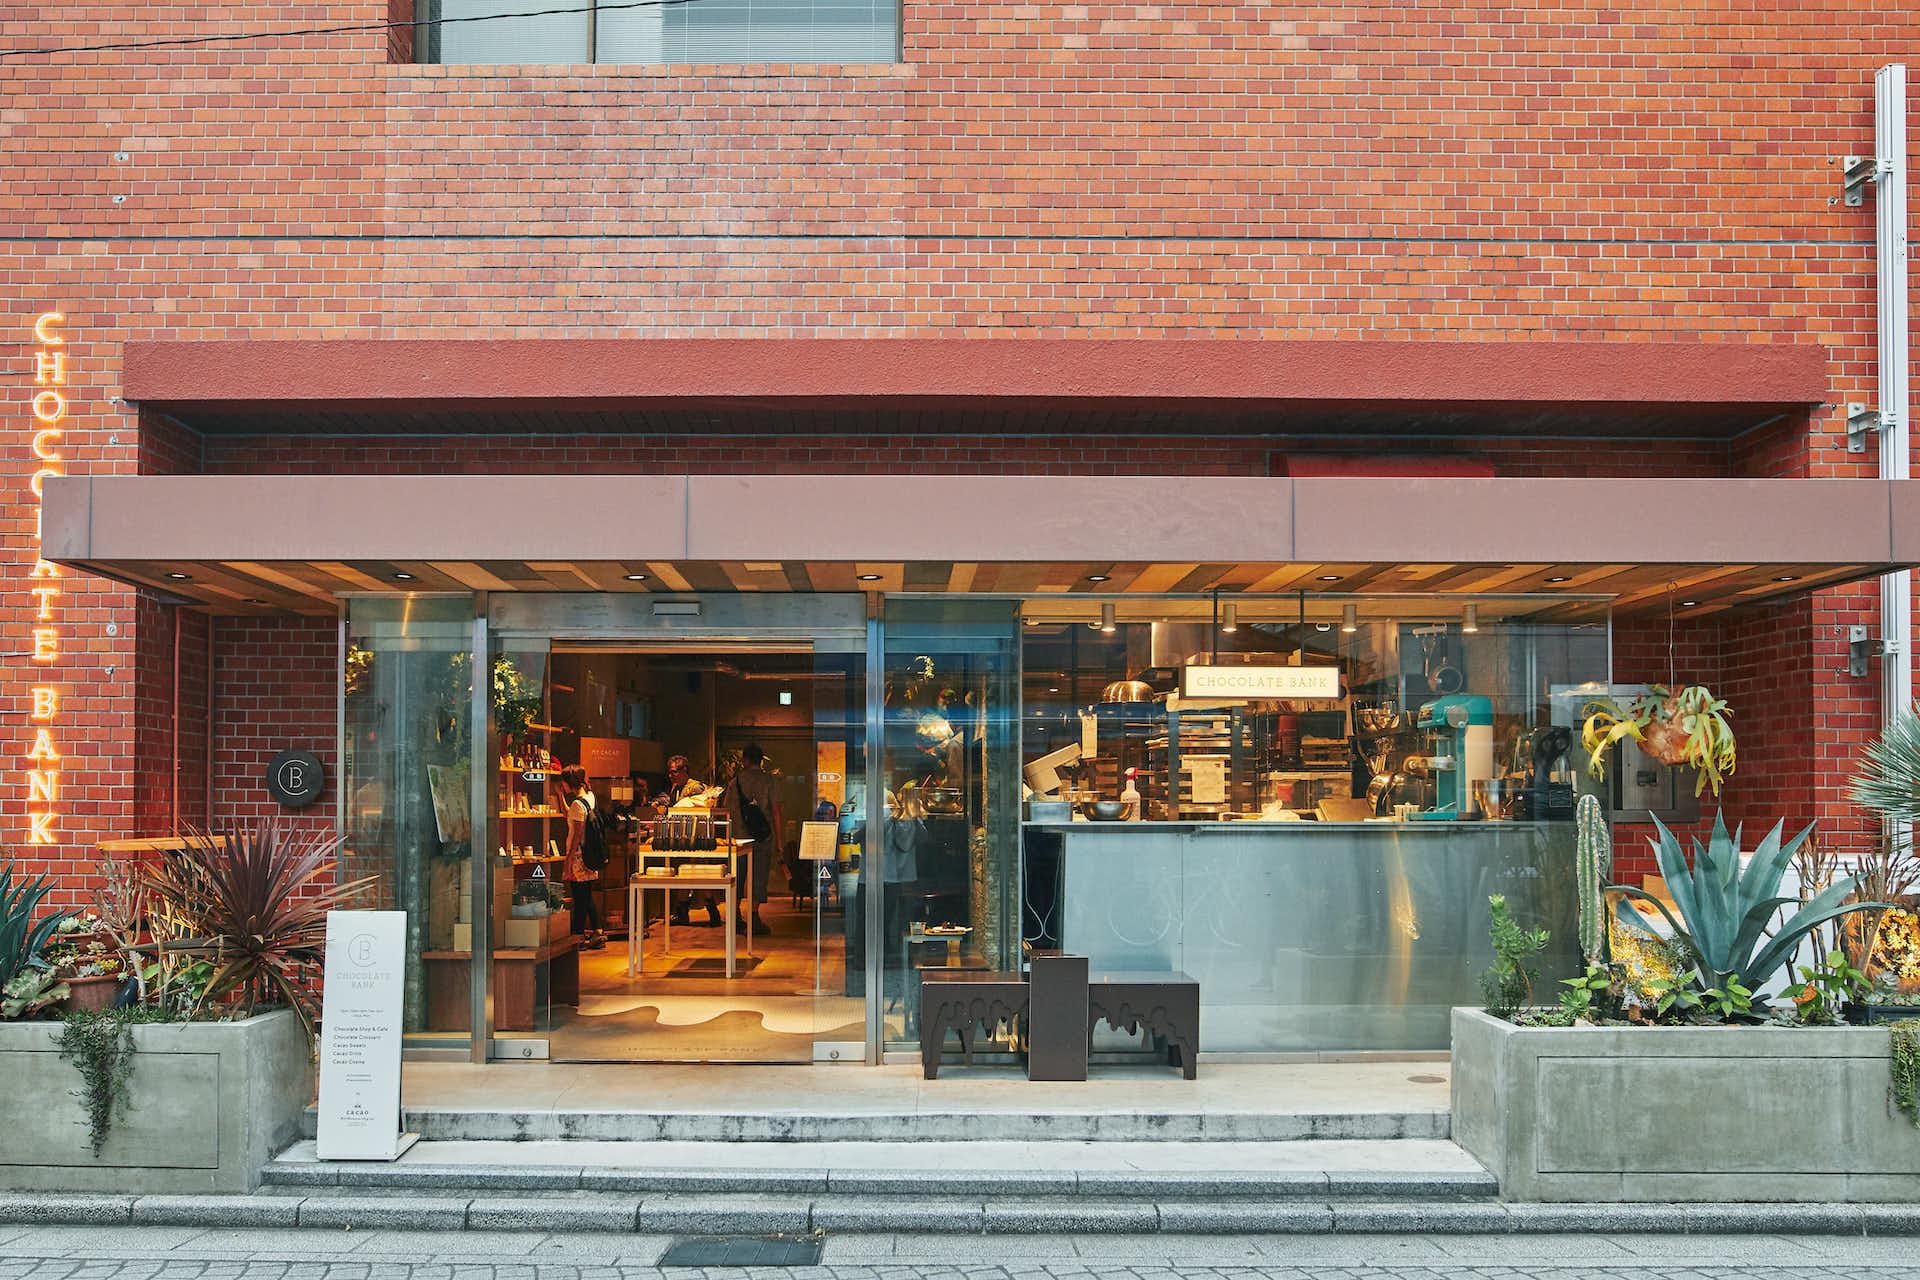 鎌倉のアロマ生チョコレート専門店「CHOCOLATE BANK」に限定の生ガトーショコラが登場! gourmet210730_maisoncacao_2